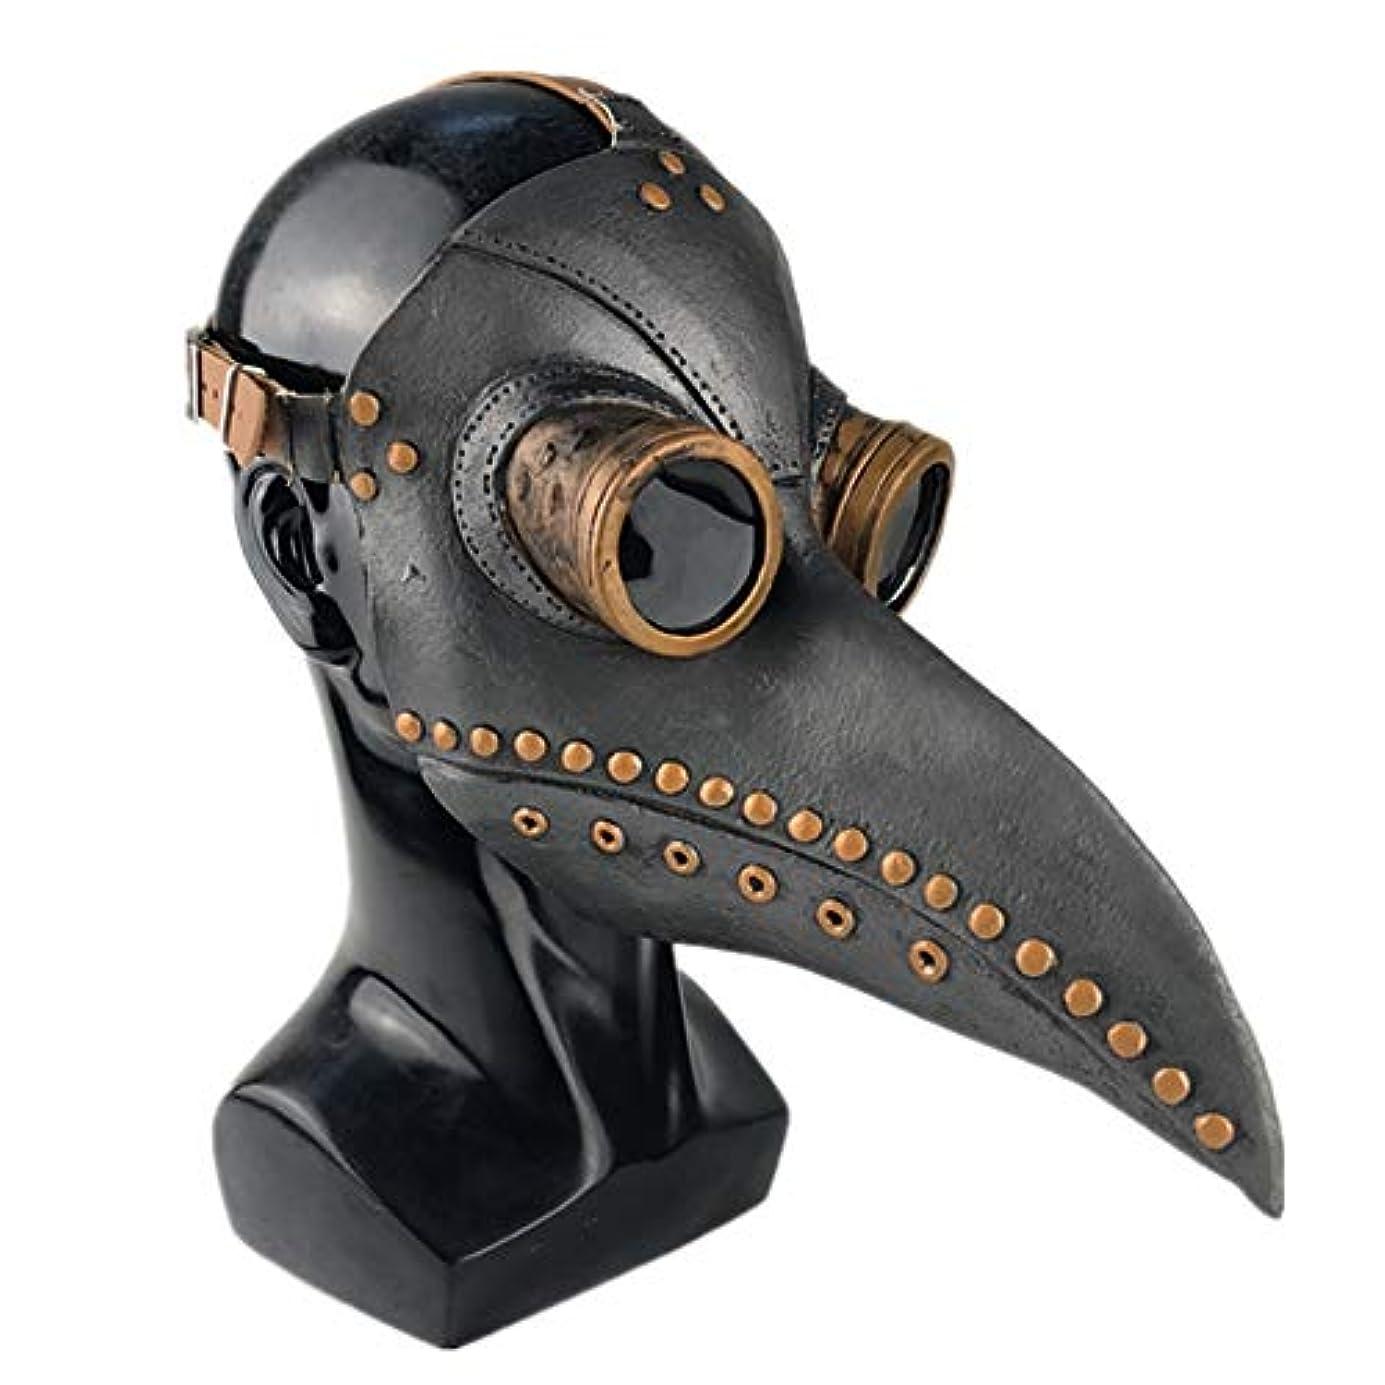 眩惑する最少ヒューマニスティックEsolom ハロウィンマスク ペストスチーム喙ドクターマスク ホリデーパーティー用品 黒 銅の爪 ホラーマスク ハロウィンデコレーション 通気性